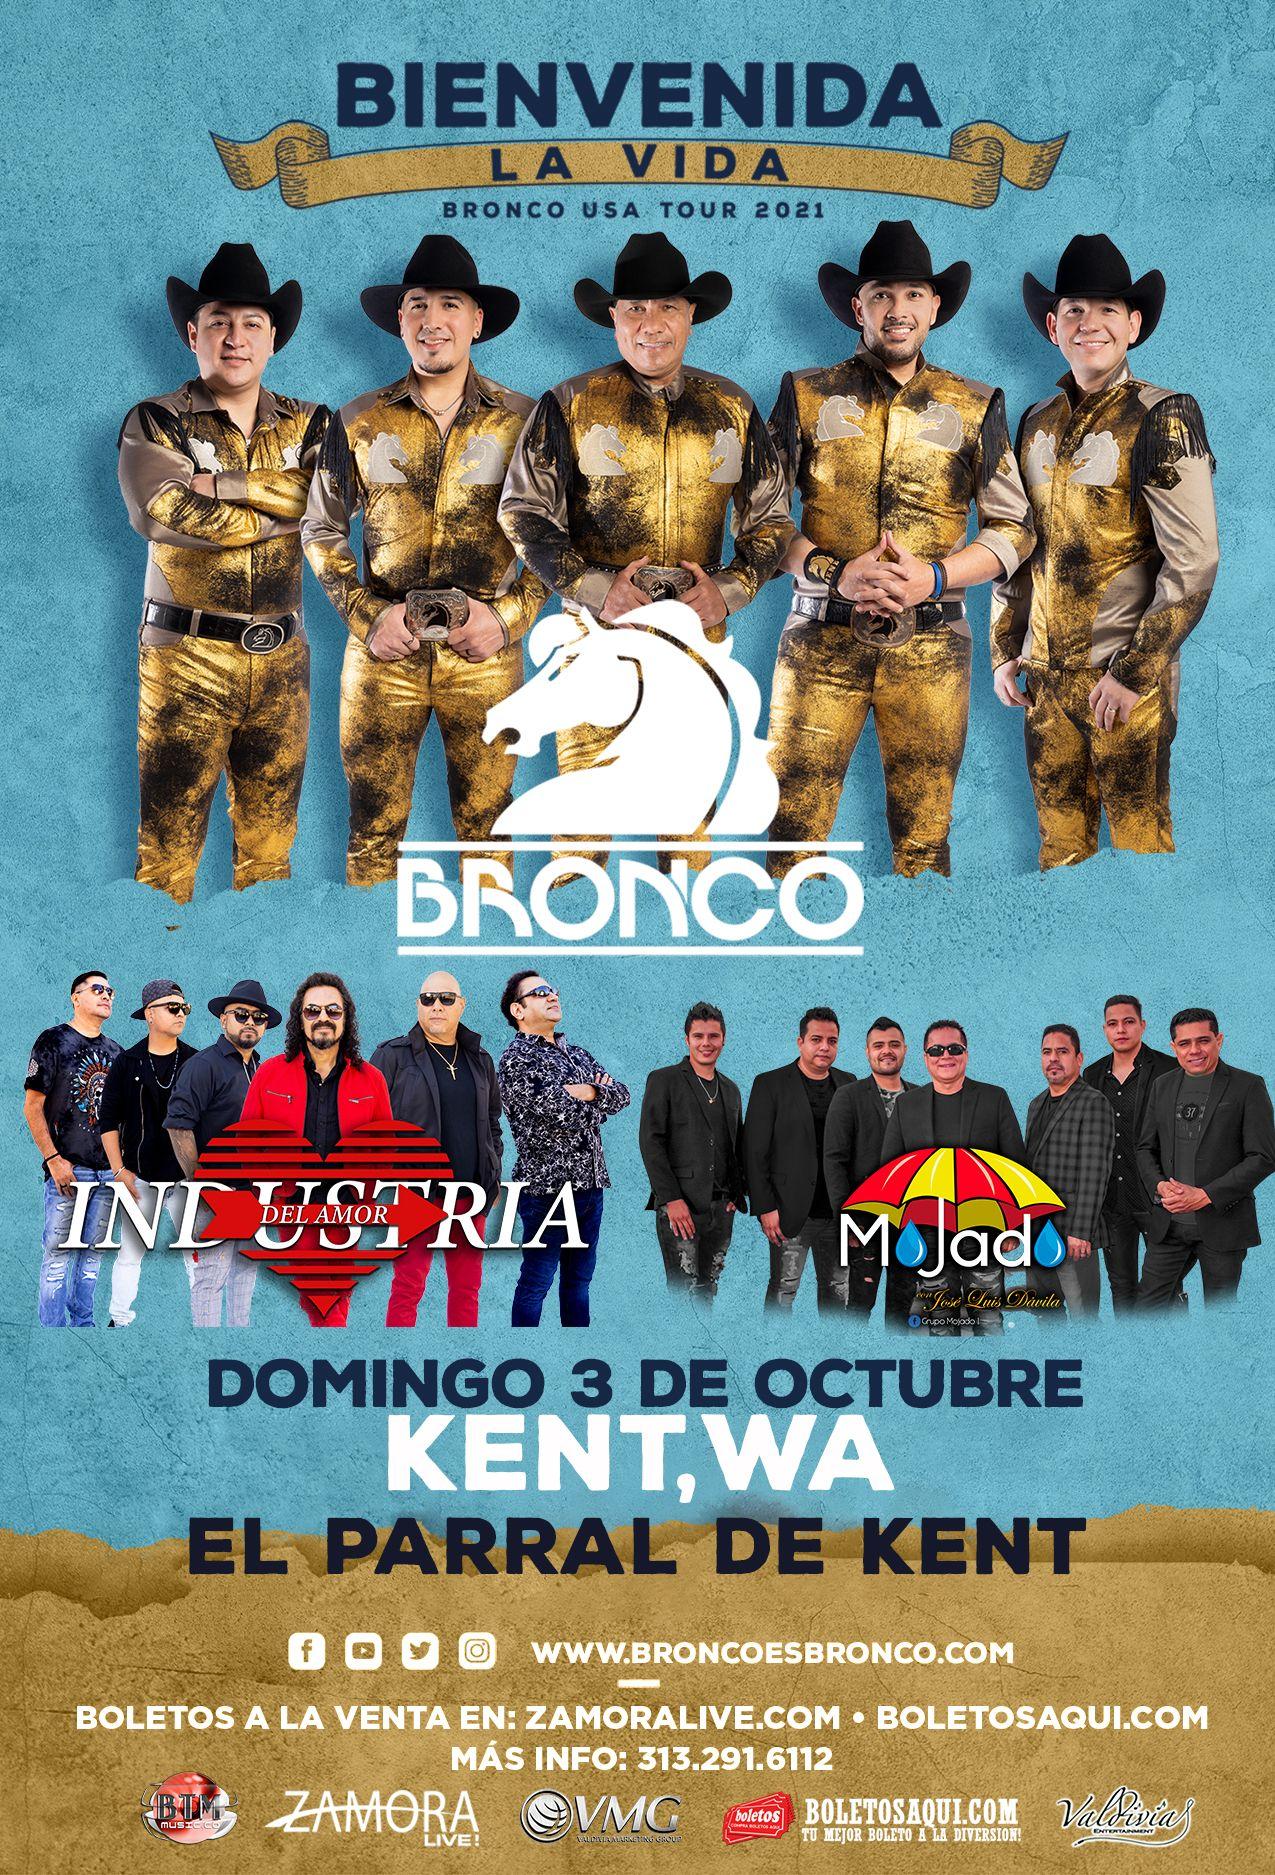 Bronco USA tour 2021 Bienvenida la Vida, Industria del Amor y Mojado – El Parral de Kent – Kent, WA